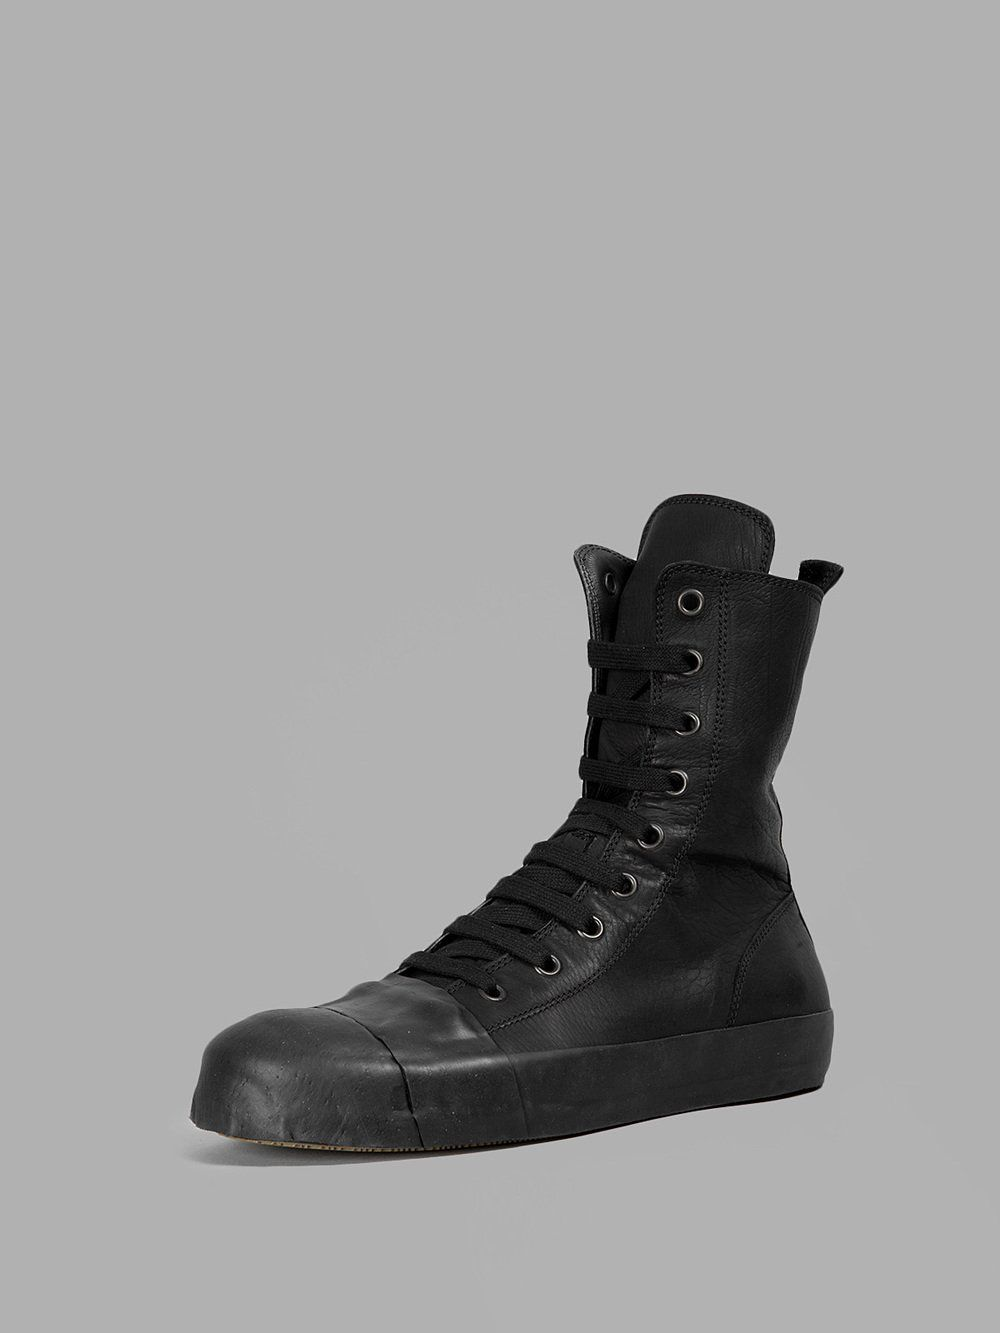 Chaussures - Bas-tops Et Baskets Ann Demeulemeester 7WziuMA